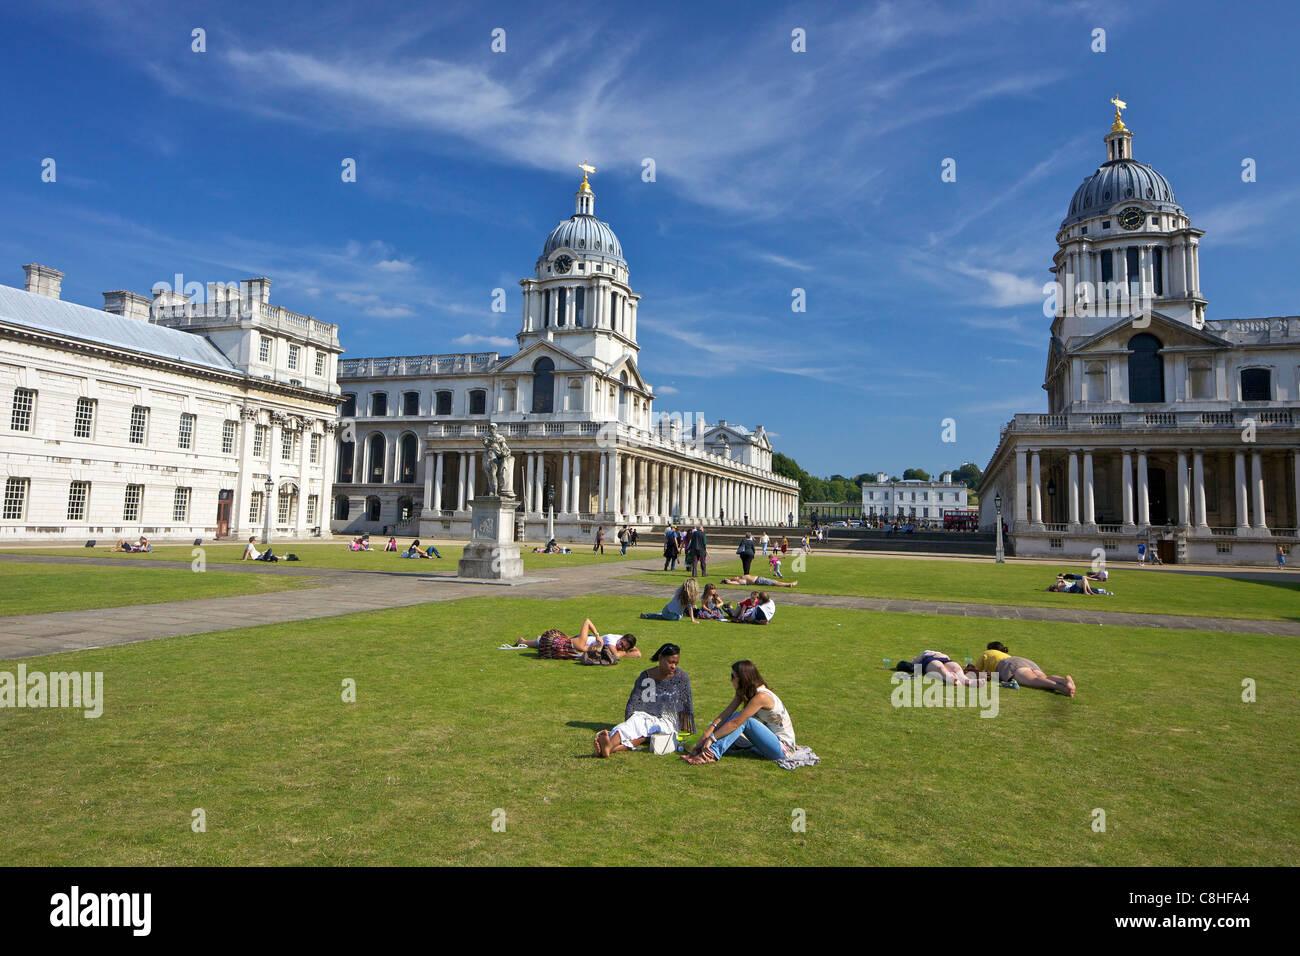 Besucher genießen Sommersonnenschein, Old Royal Naval College, gebaut von Sir Christopher Wren, Greenwich, Stockbild